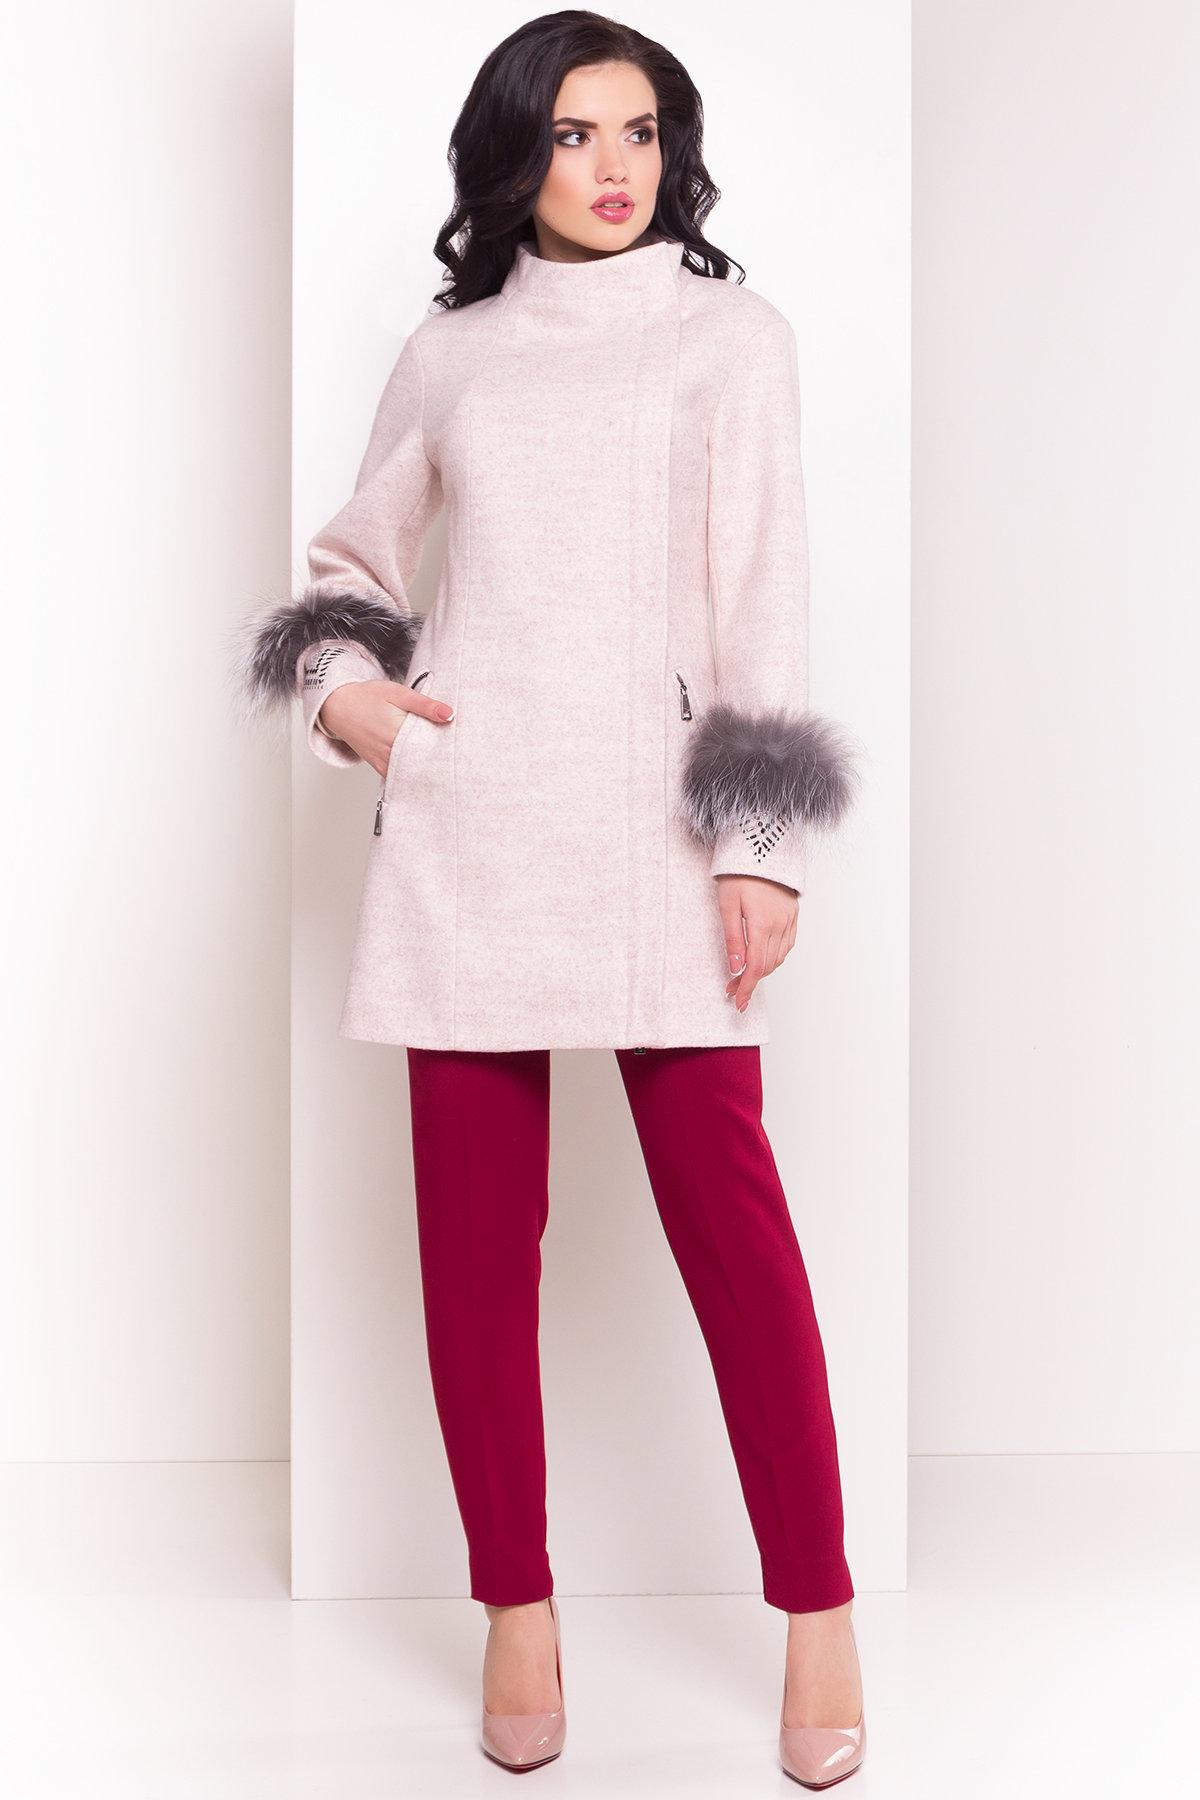 Пальто Лорин 4478 АРТ. 33847 Цвет: Бежевый - фото 3, интернет магазин tm-modus.ru